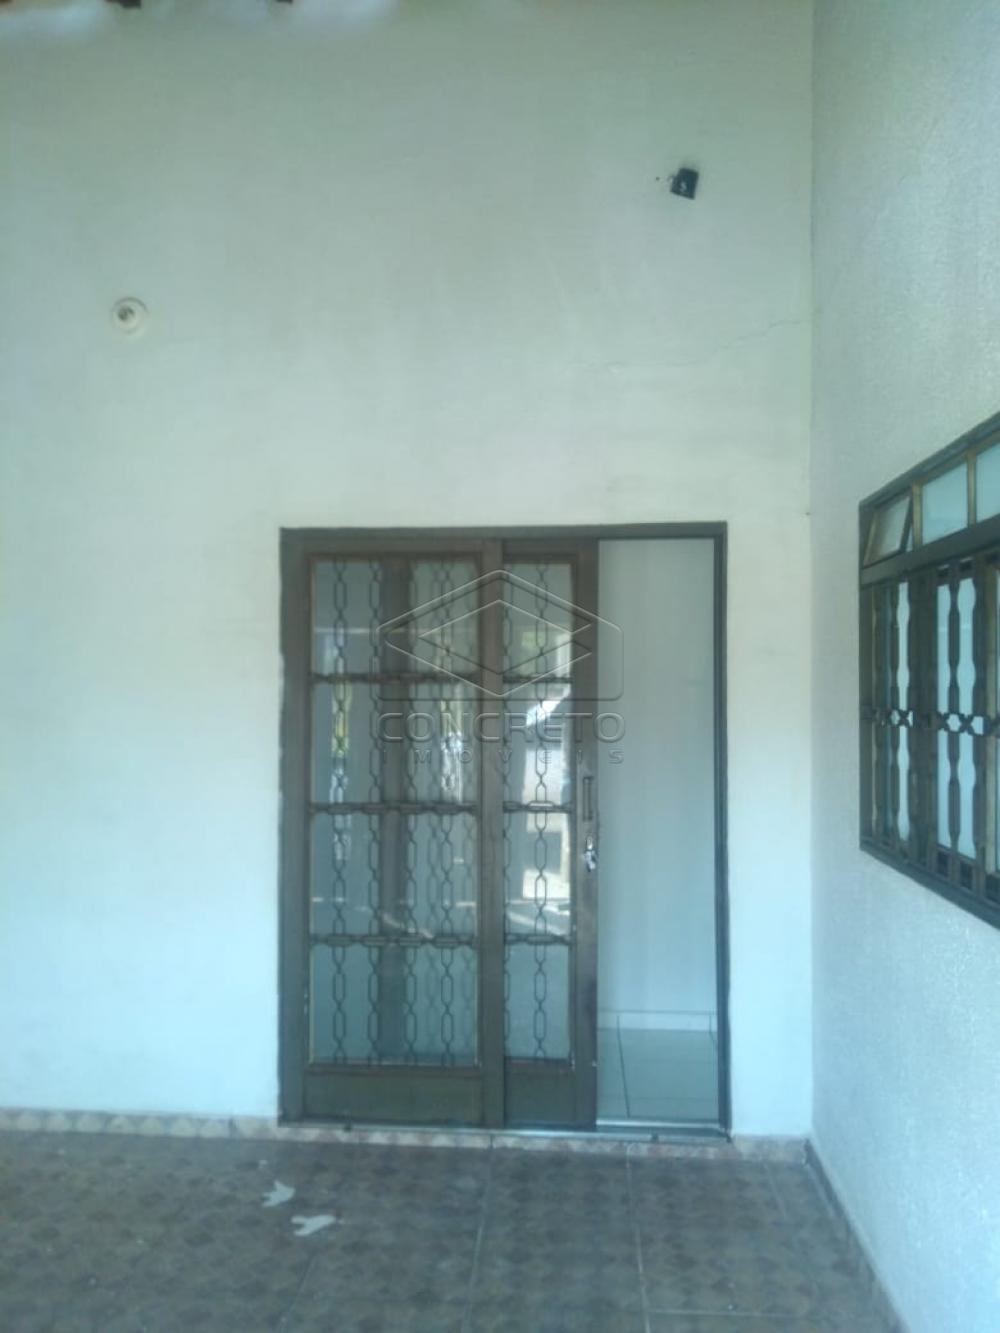 Comprar Casa / Padrão em Bauru R$ 240.000,00 - Foto 2